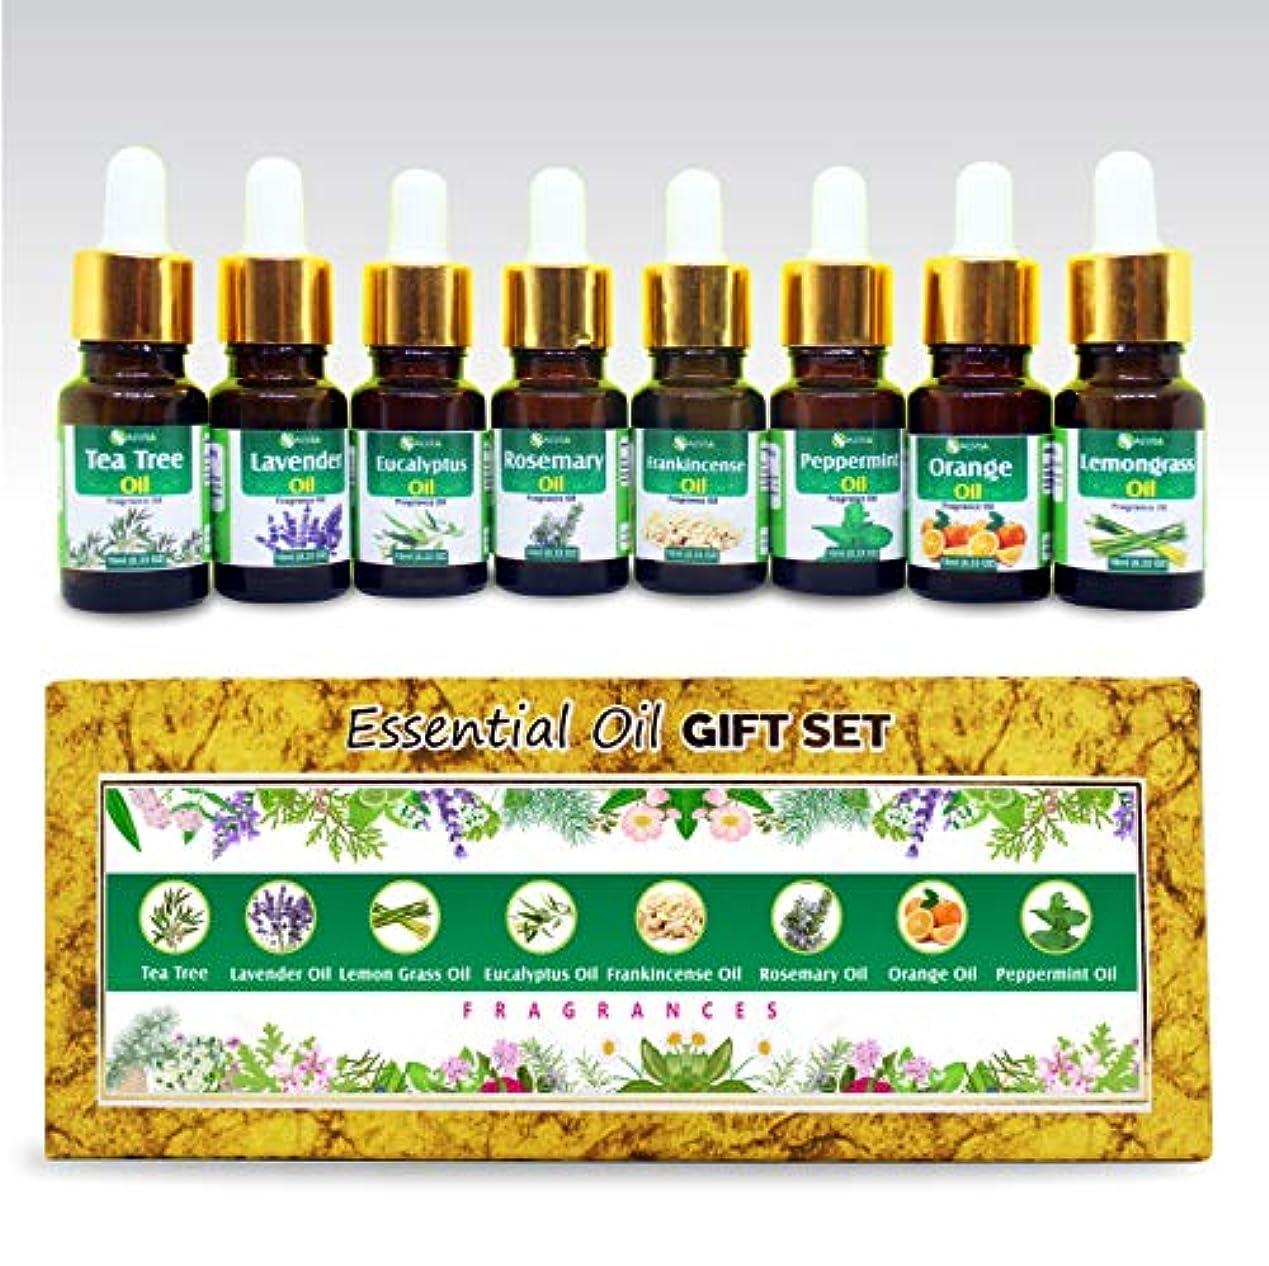 ネット収まる店員Aromatherapy Fragrance Oils - Pack of 8 Essential Oils 100% Natural Therapeutic Oils - 10 ML each (Tea Tree, Lavender...